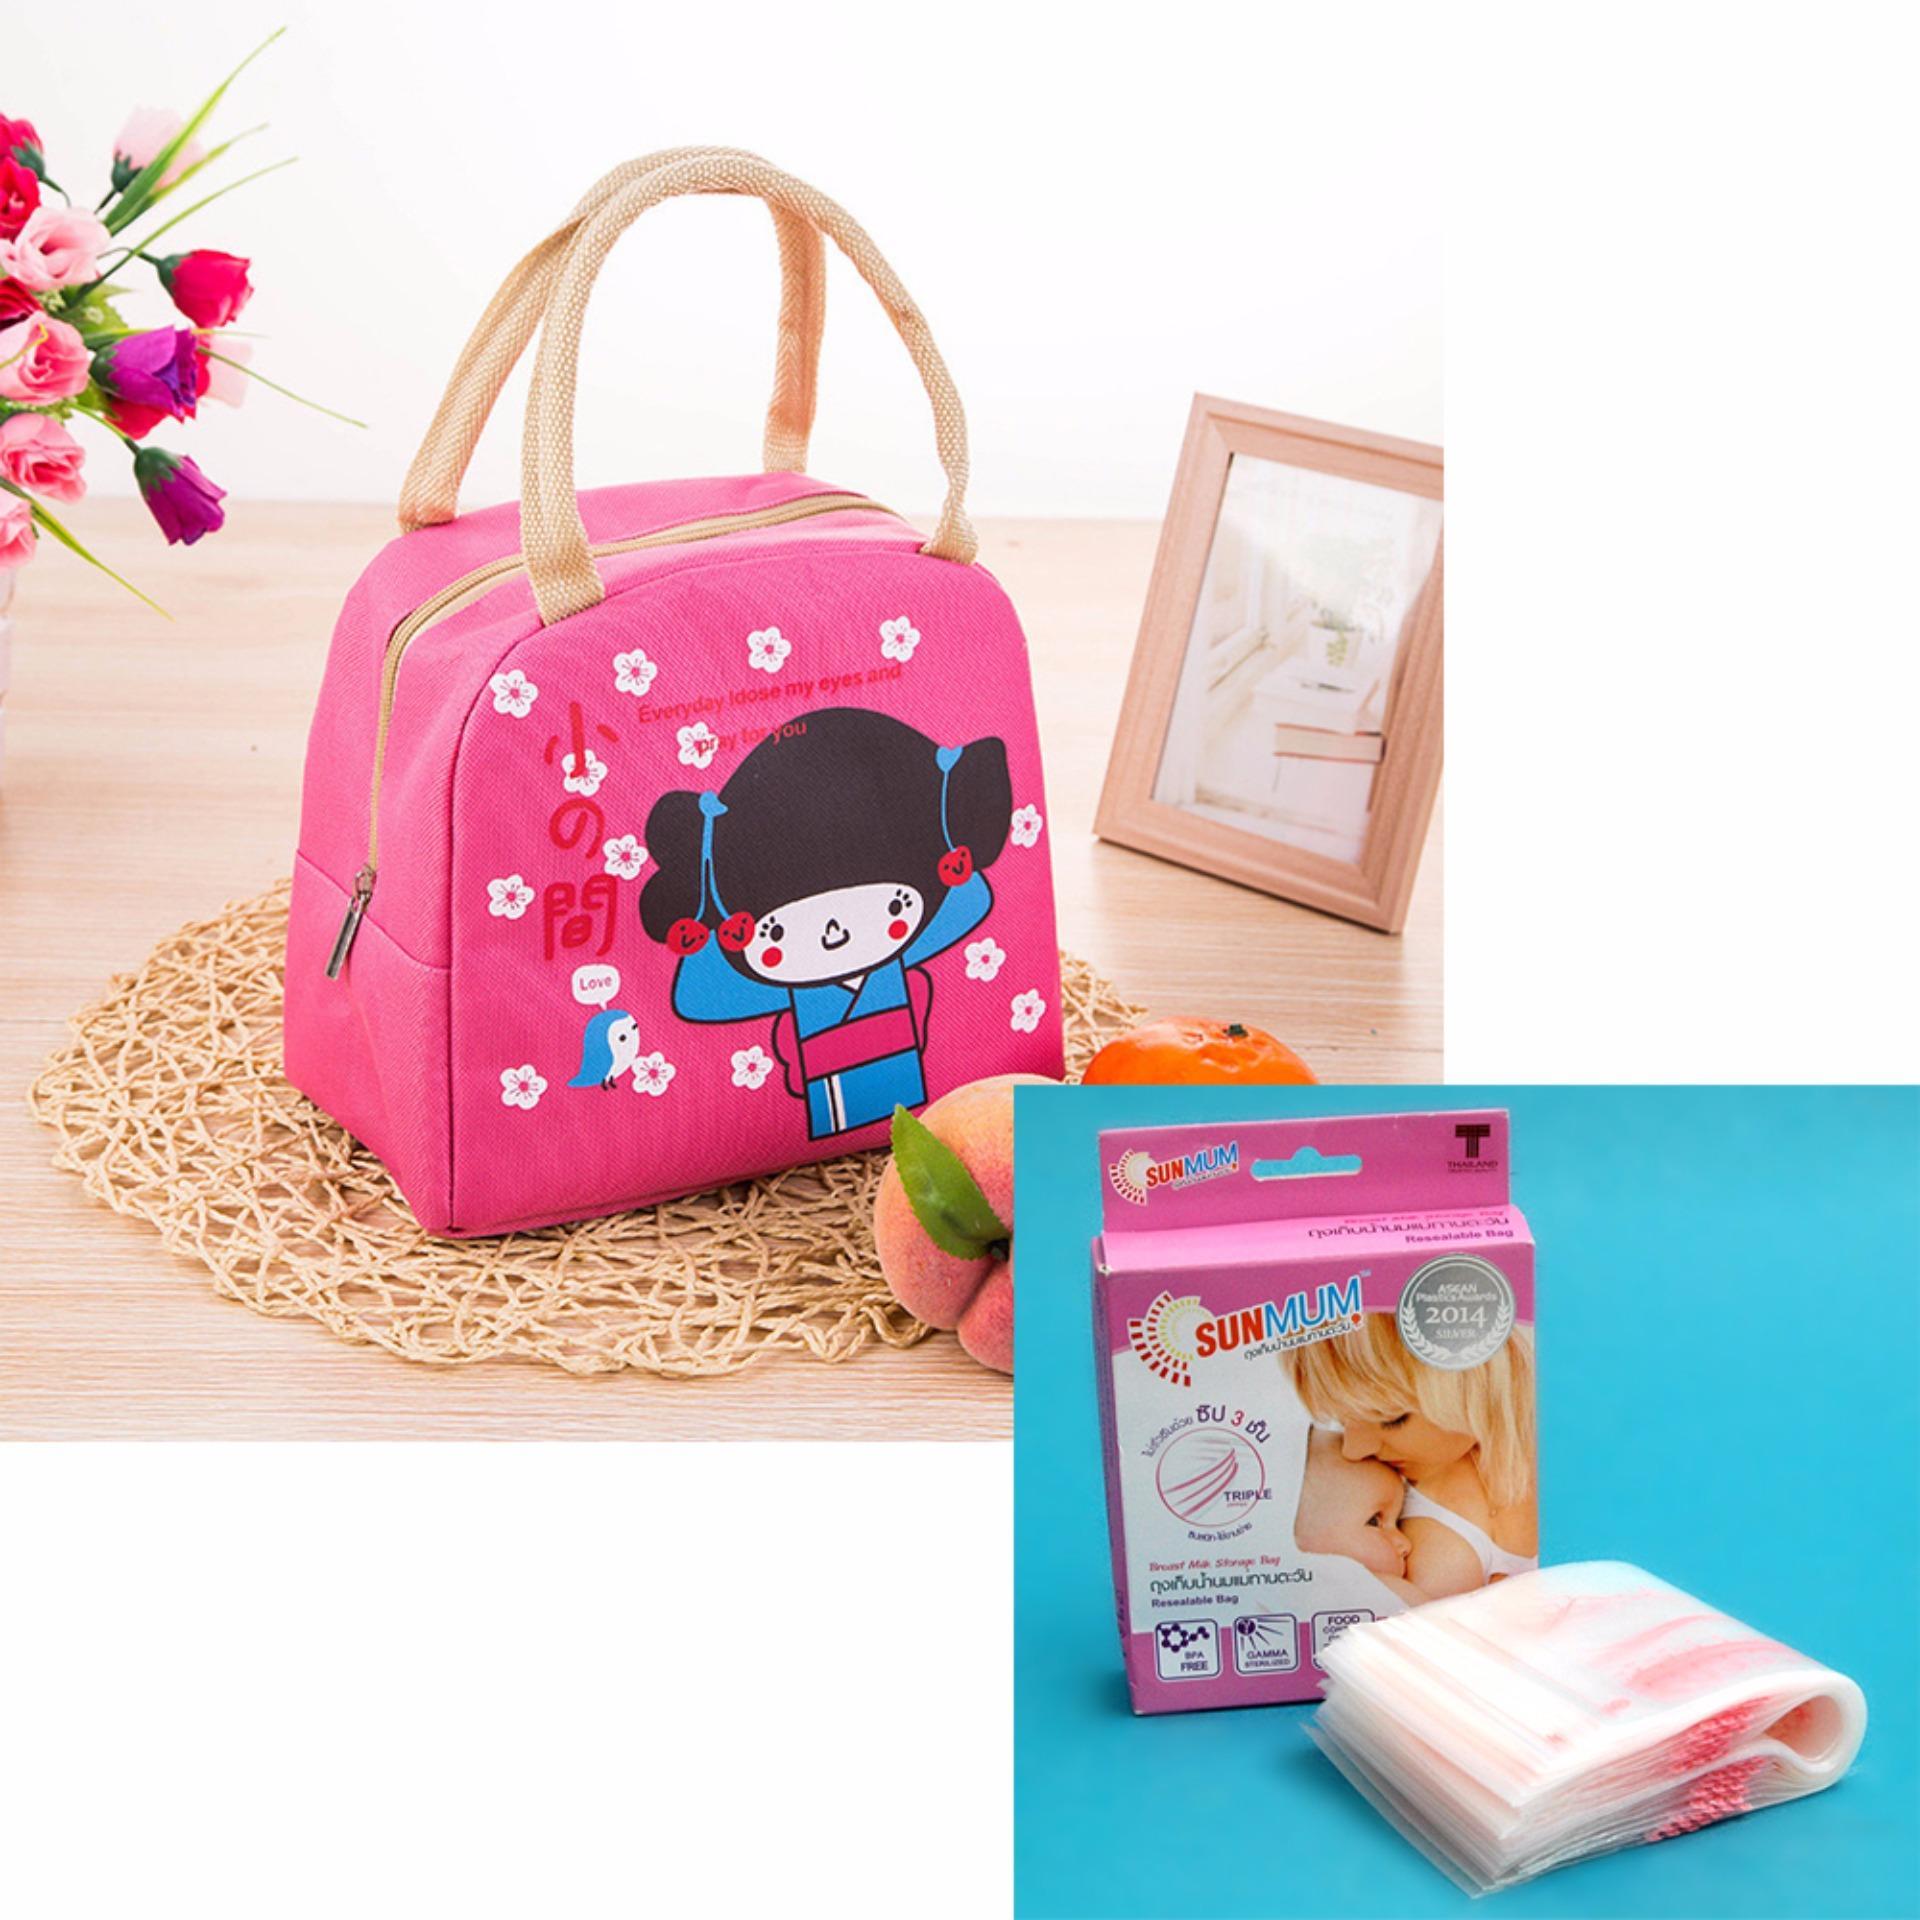 Bộ túi giữ nhiệt + túi trữ sữa Sunmum (cô gái Nhật bản hồng)